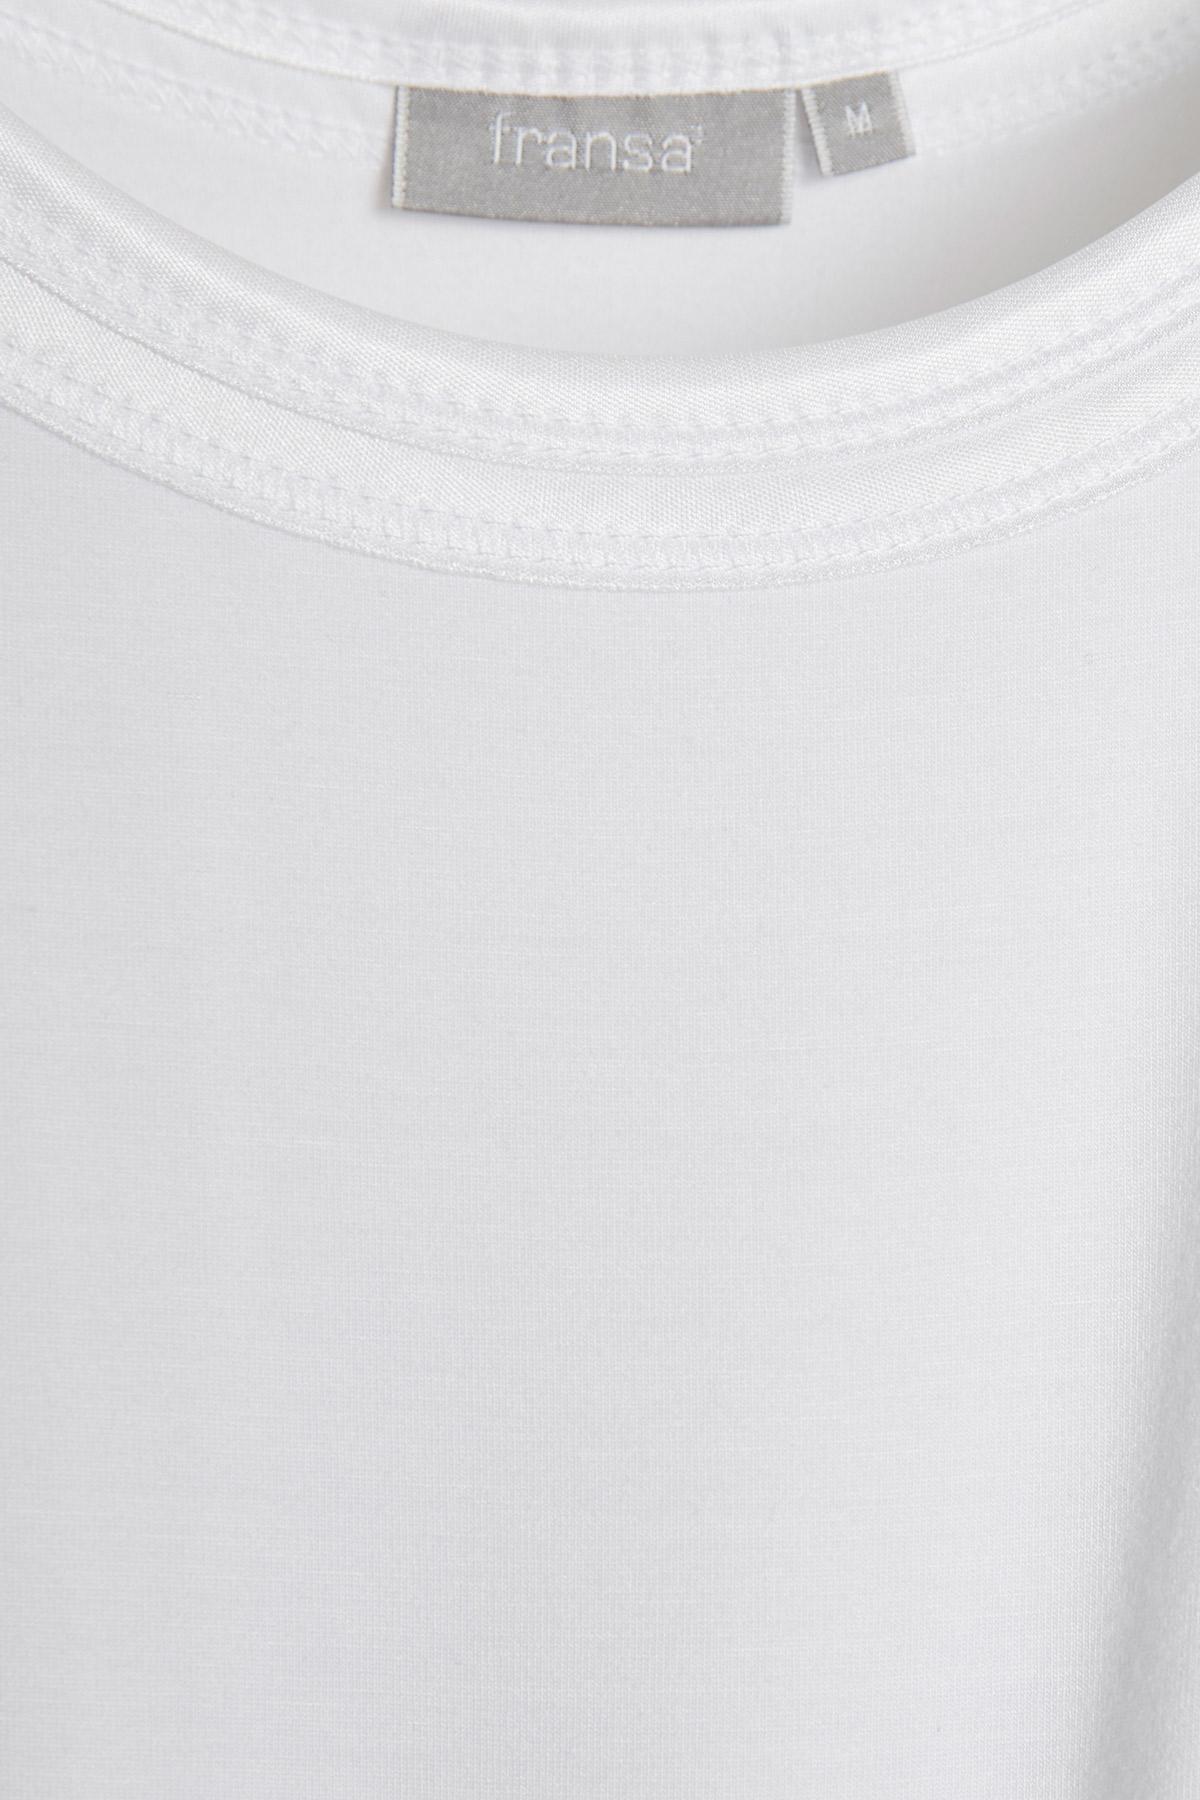 Hvid Ærmeløs top fra Fransa – Køb Hvid Ærmeløs top fra str. XS-XXL her